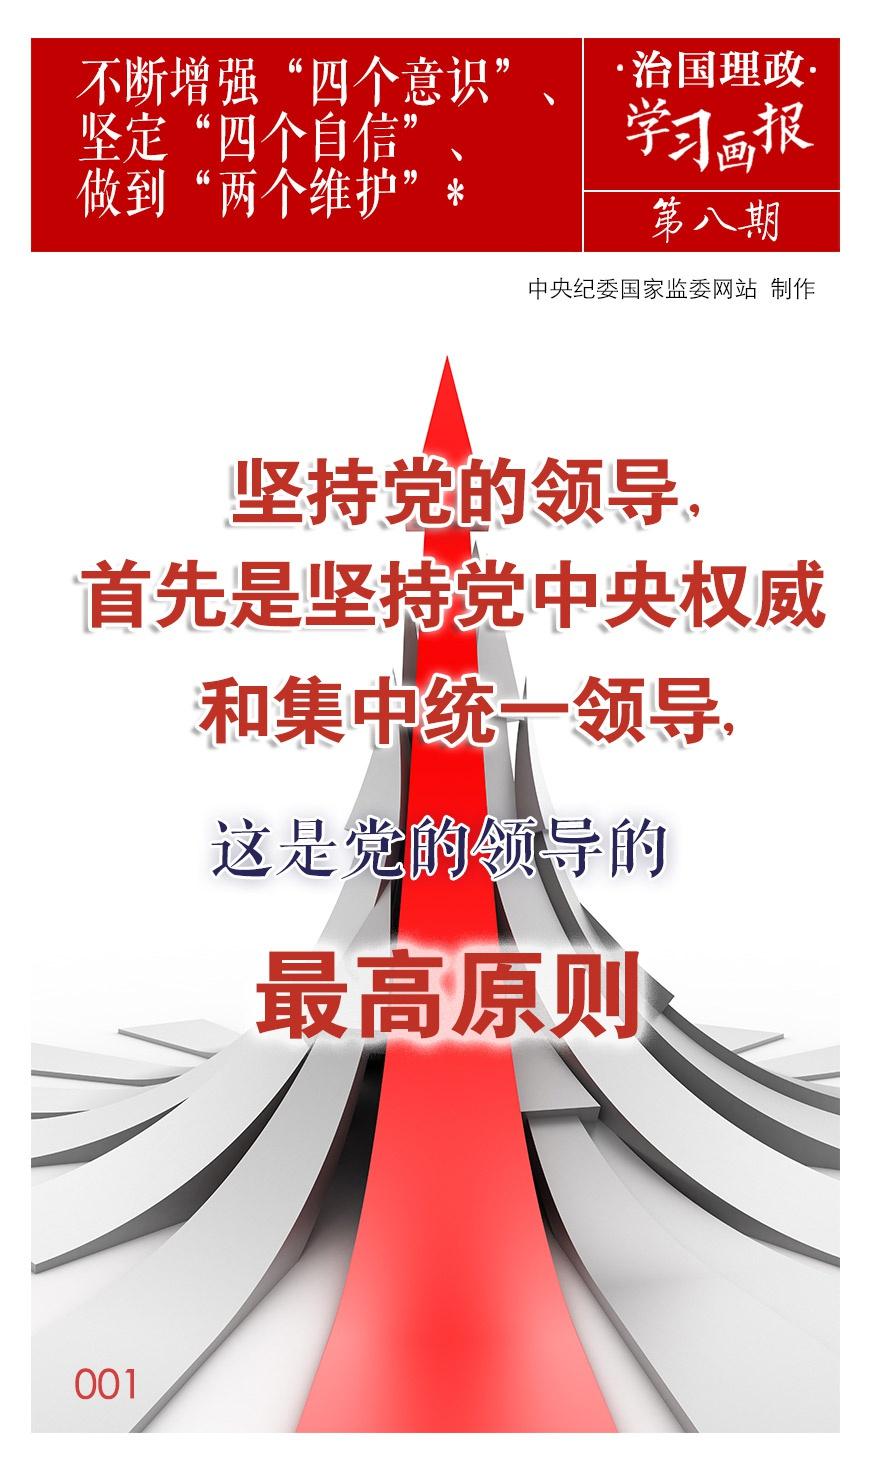 杏彩app官网:四个自信做到两个维护图片